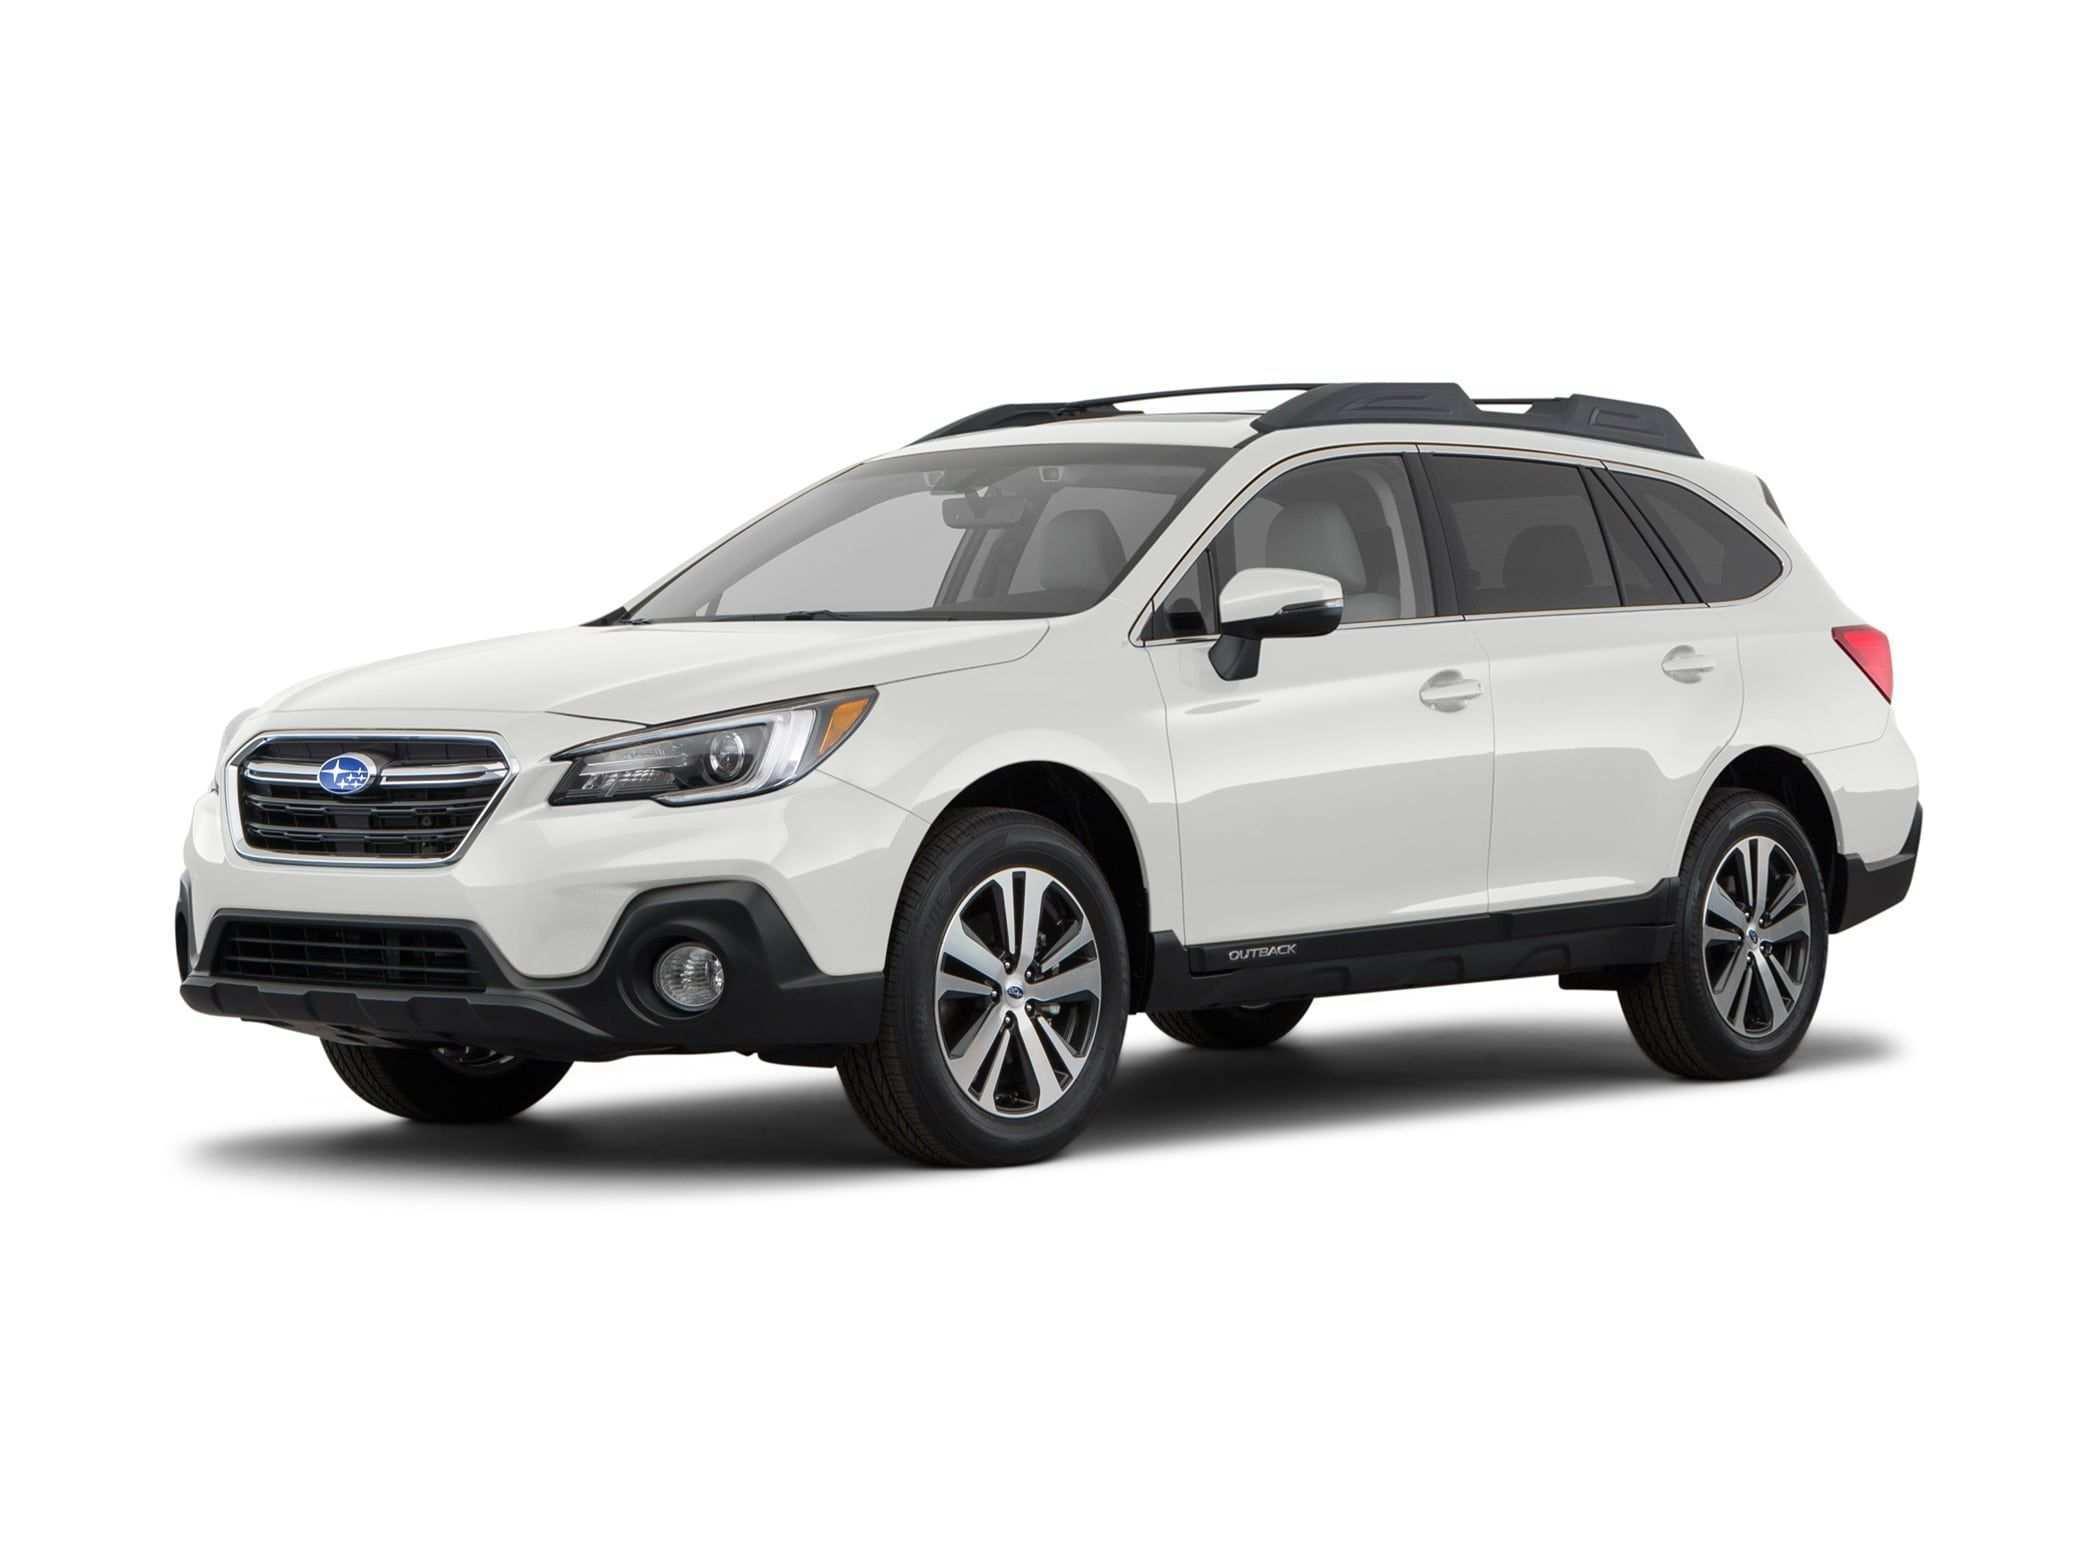 74 Best Review 2020 Subaru Horizon Blue Pearl Review with 2020 Subaru Horizon Blue Pearl